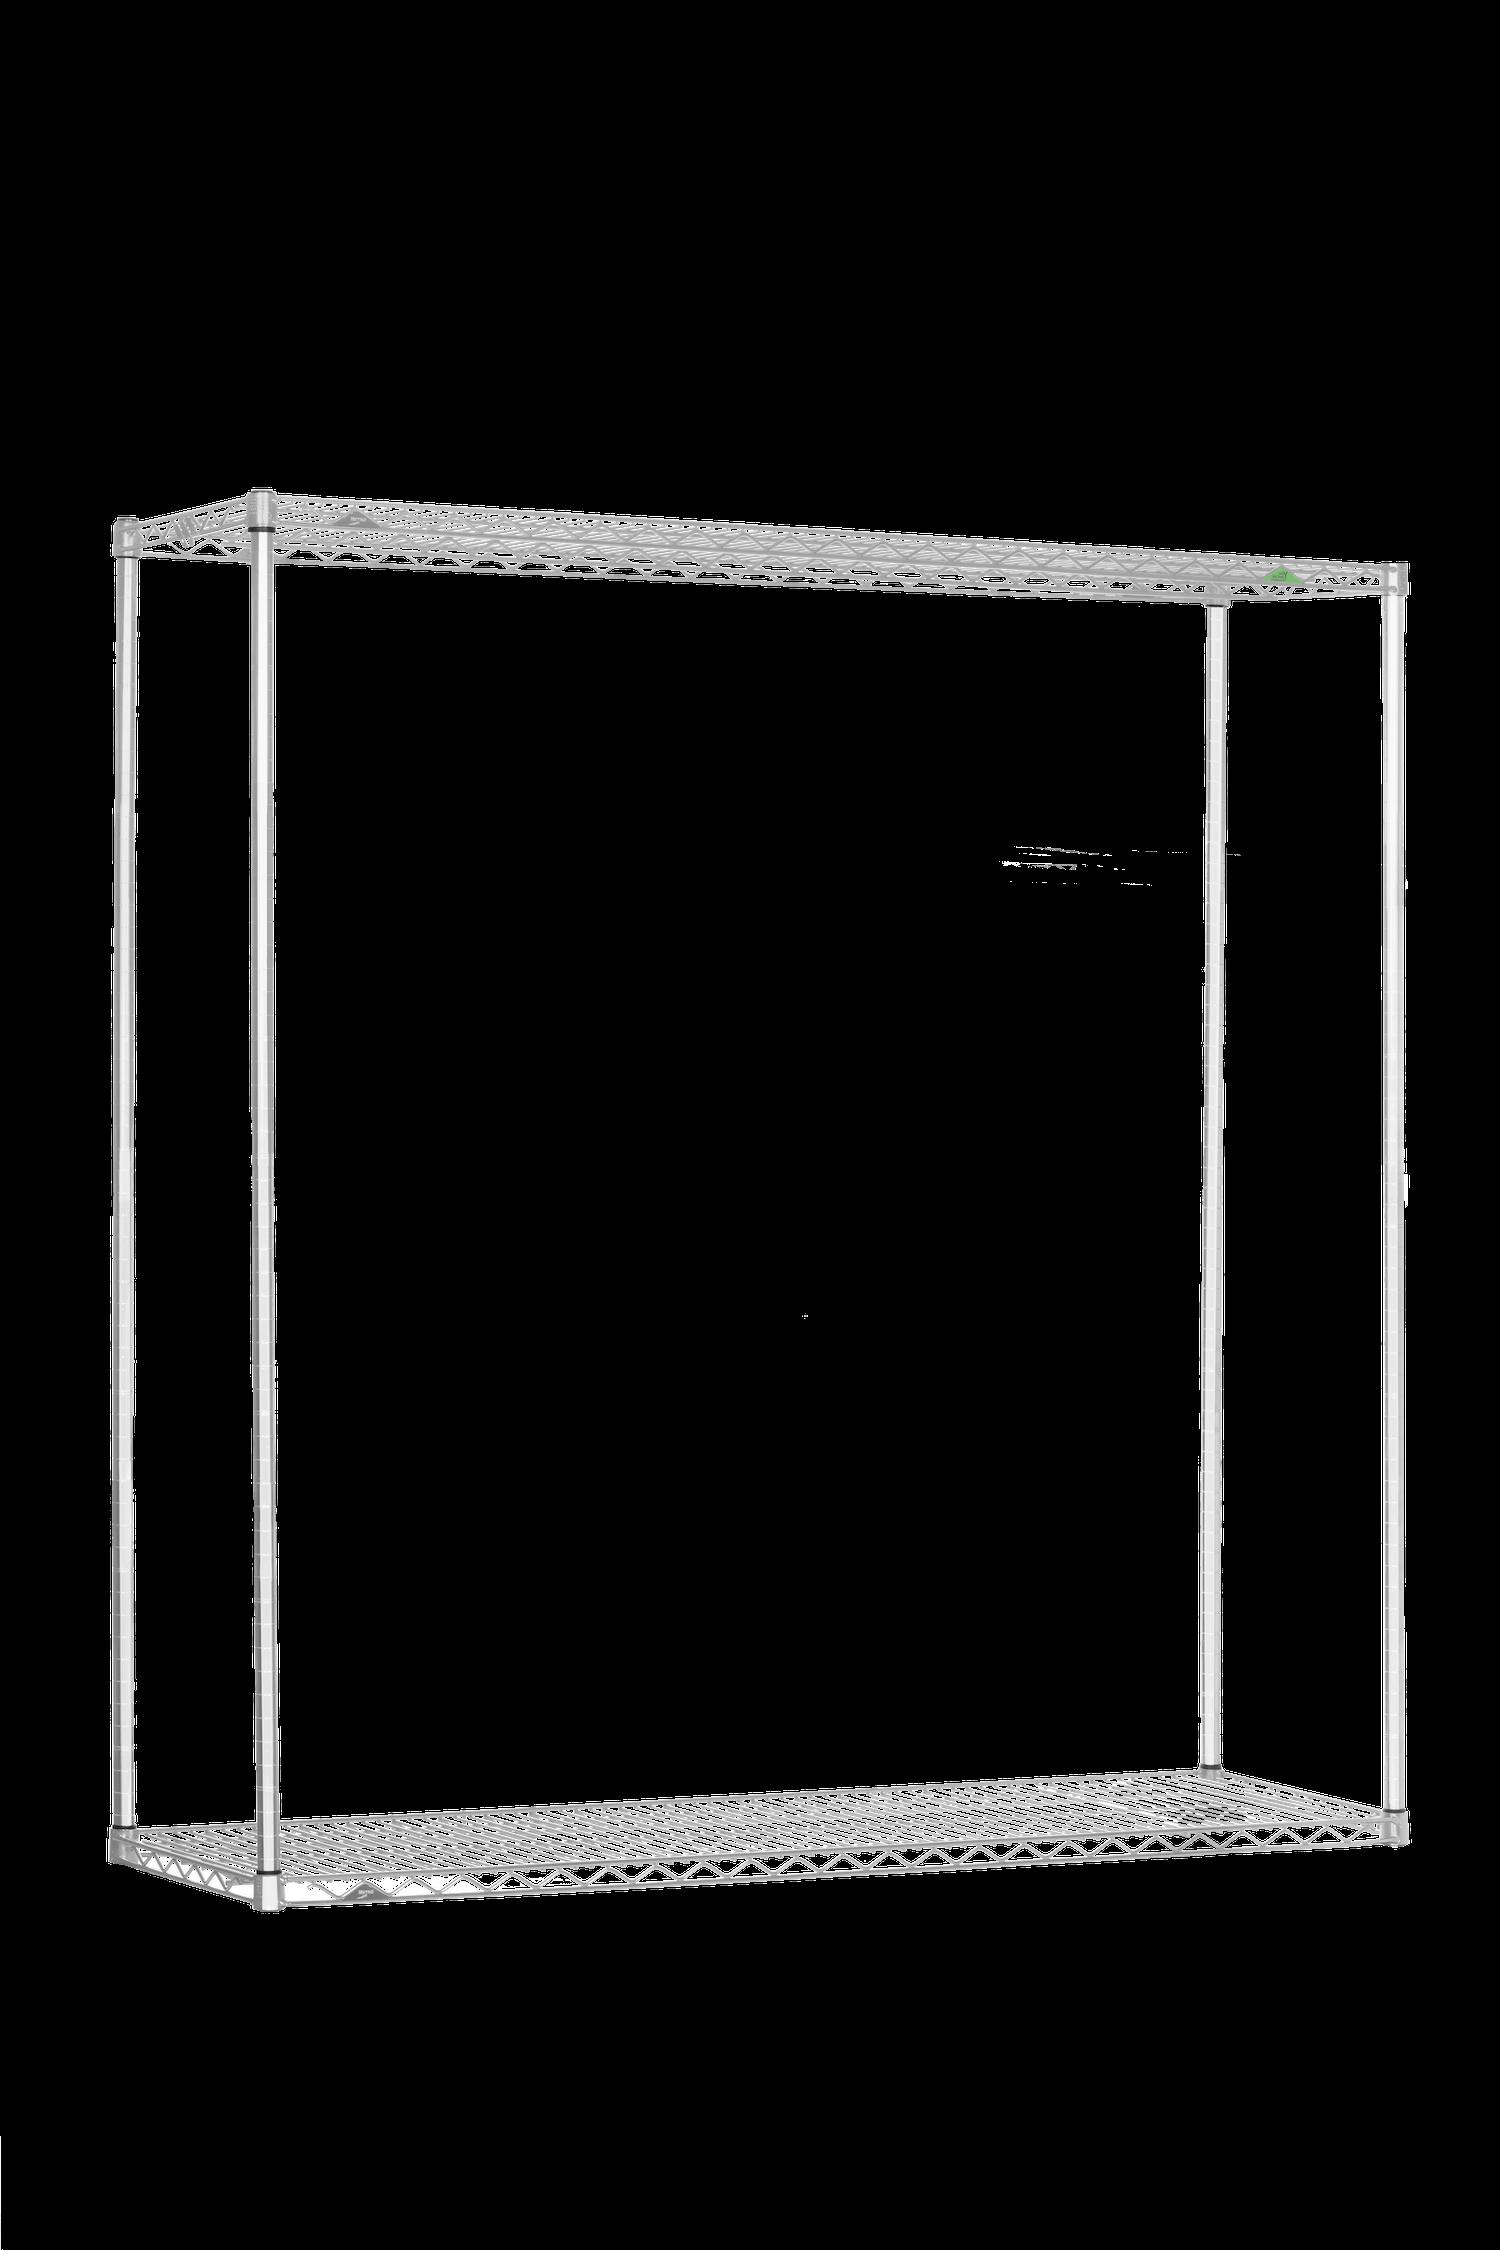 610x914mm, 24x36 inch